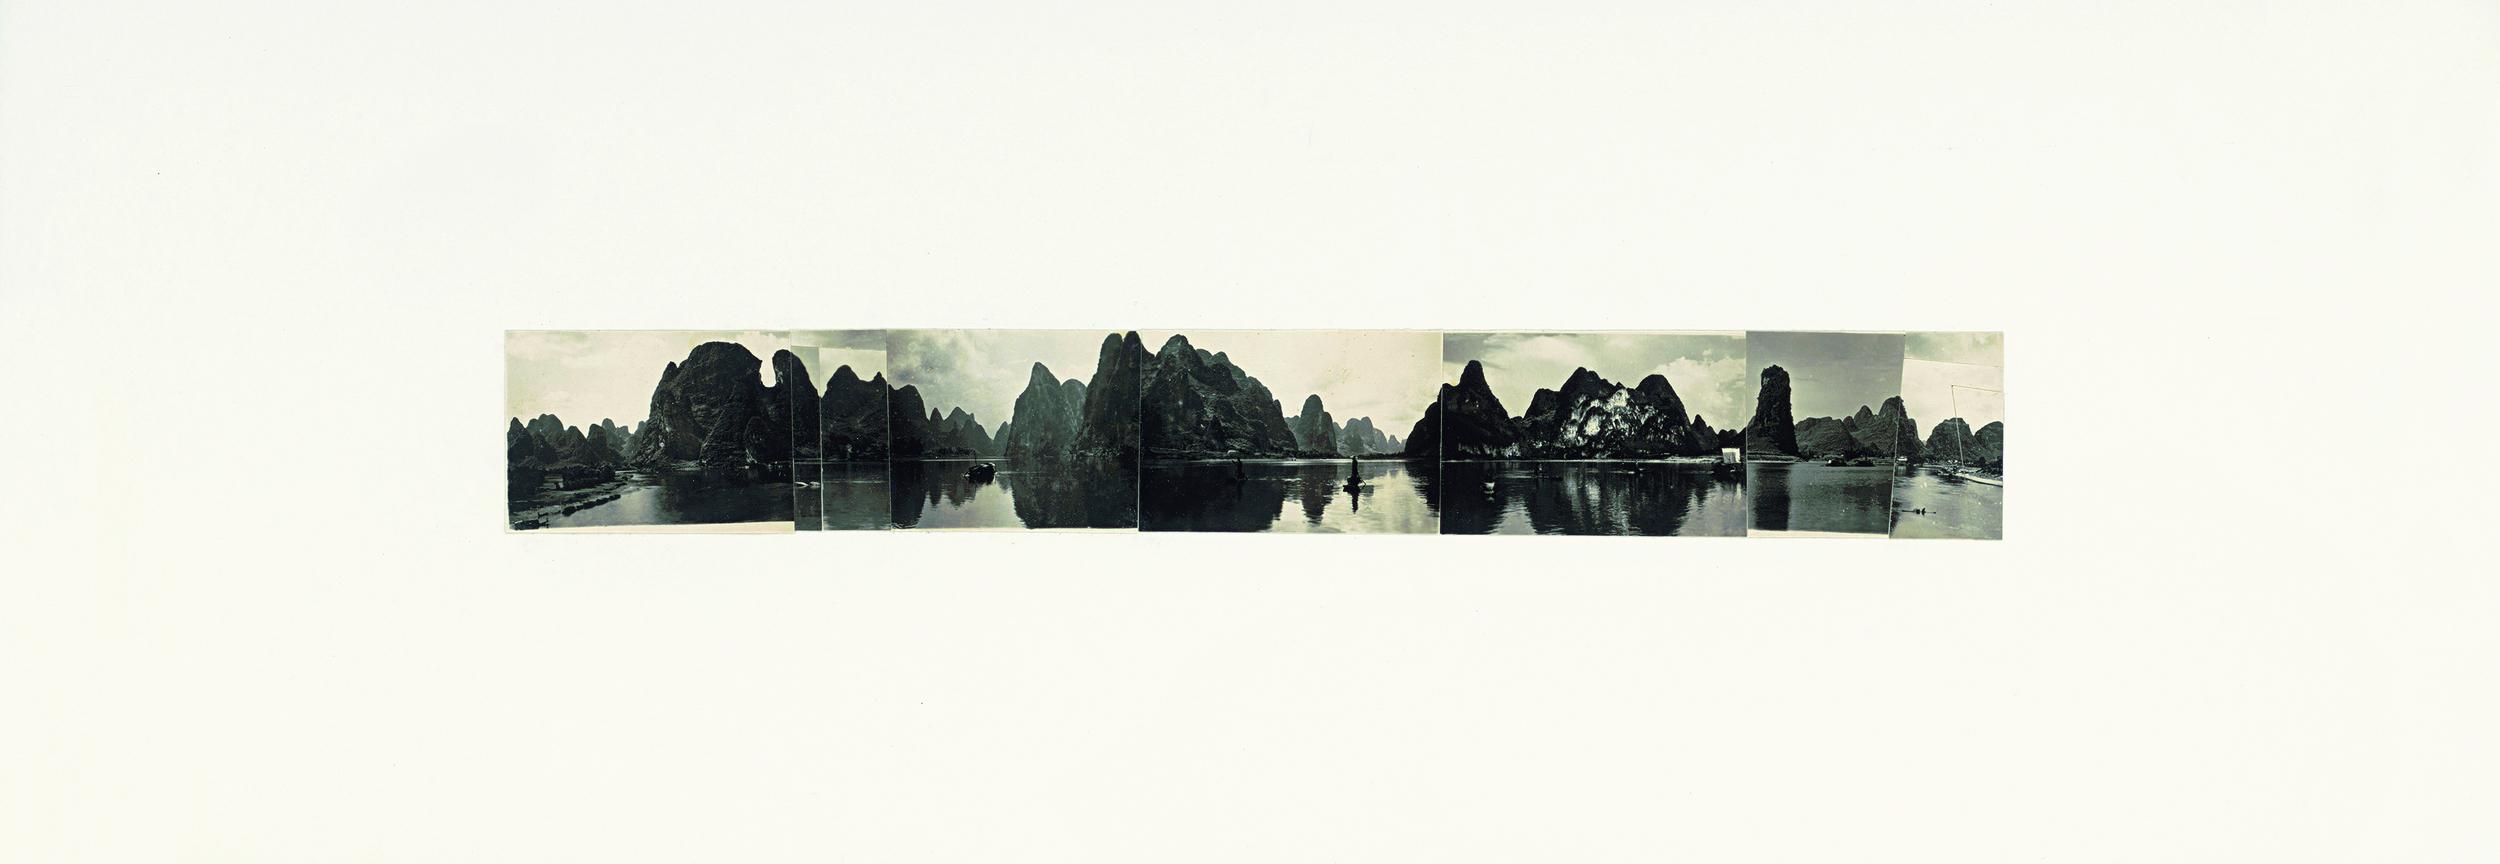 Ni Youyu 倪有鱼, Freewheeling Trip III 逍遥游 3, 2011 - 2012, Collage 拼贴, 20 × 60 cm